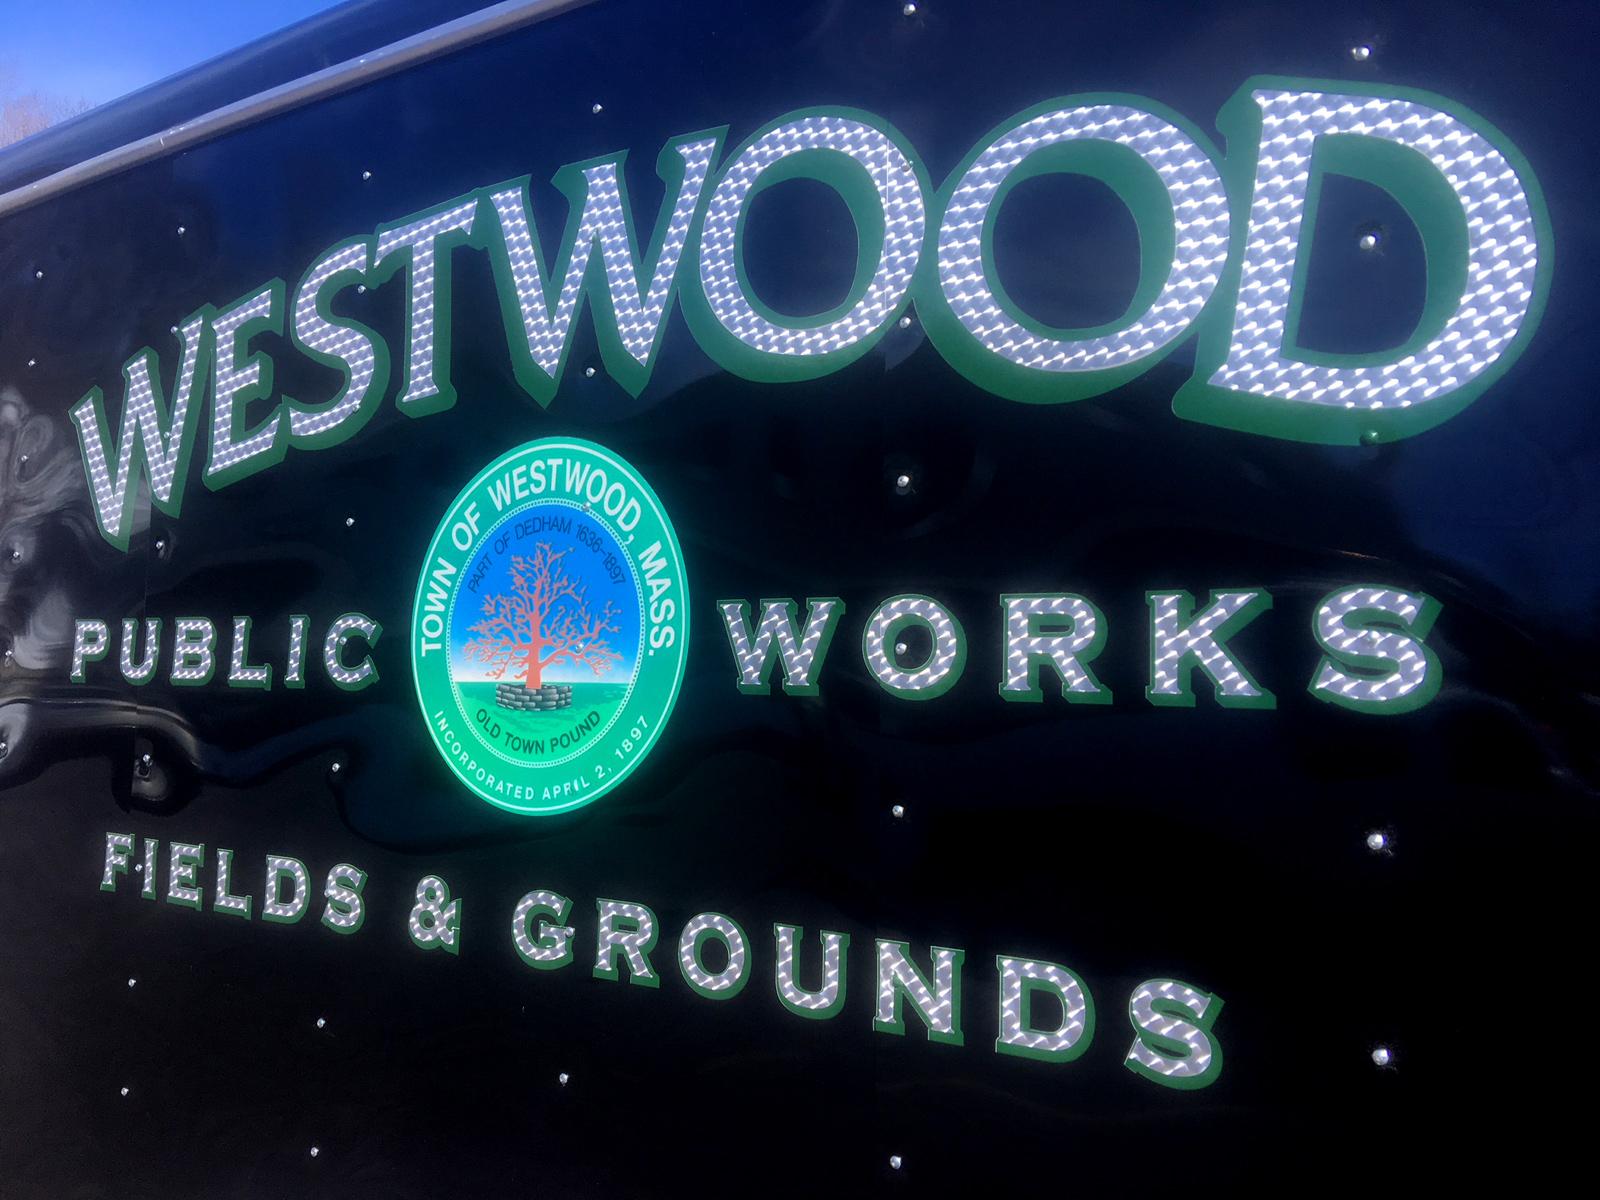 Westwood DPW